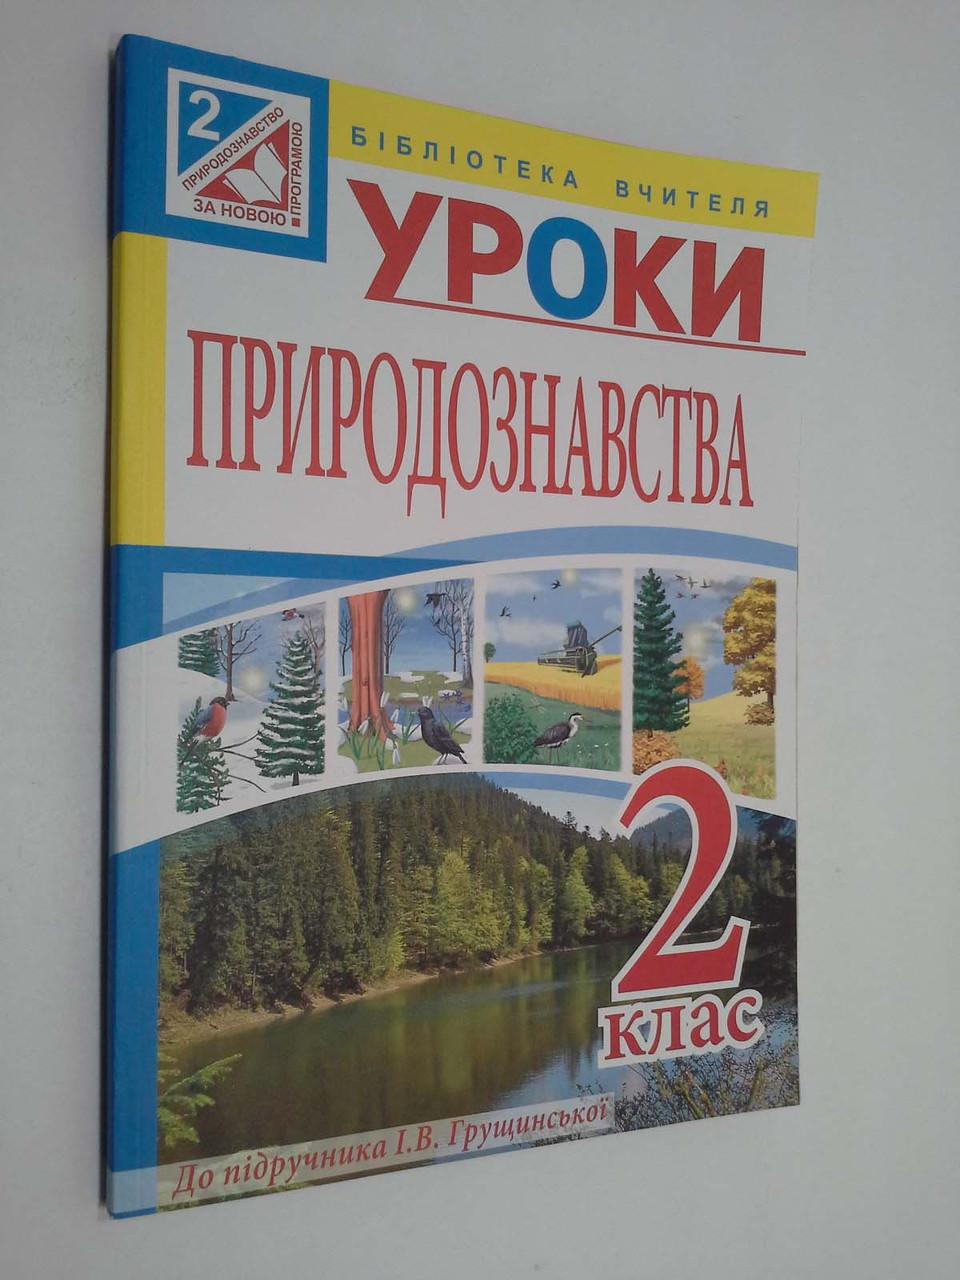 Богдан Посібник для вчителя Уроки природознавства 2 клас Будна До Грущинської